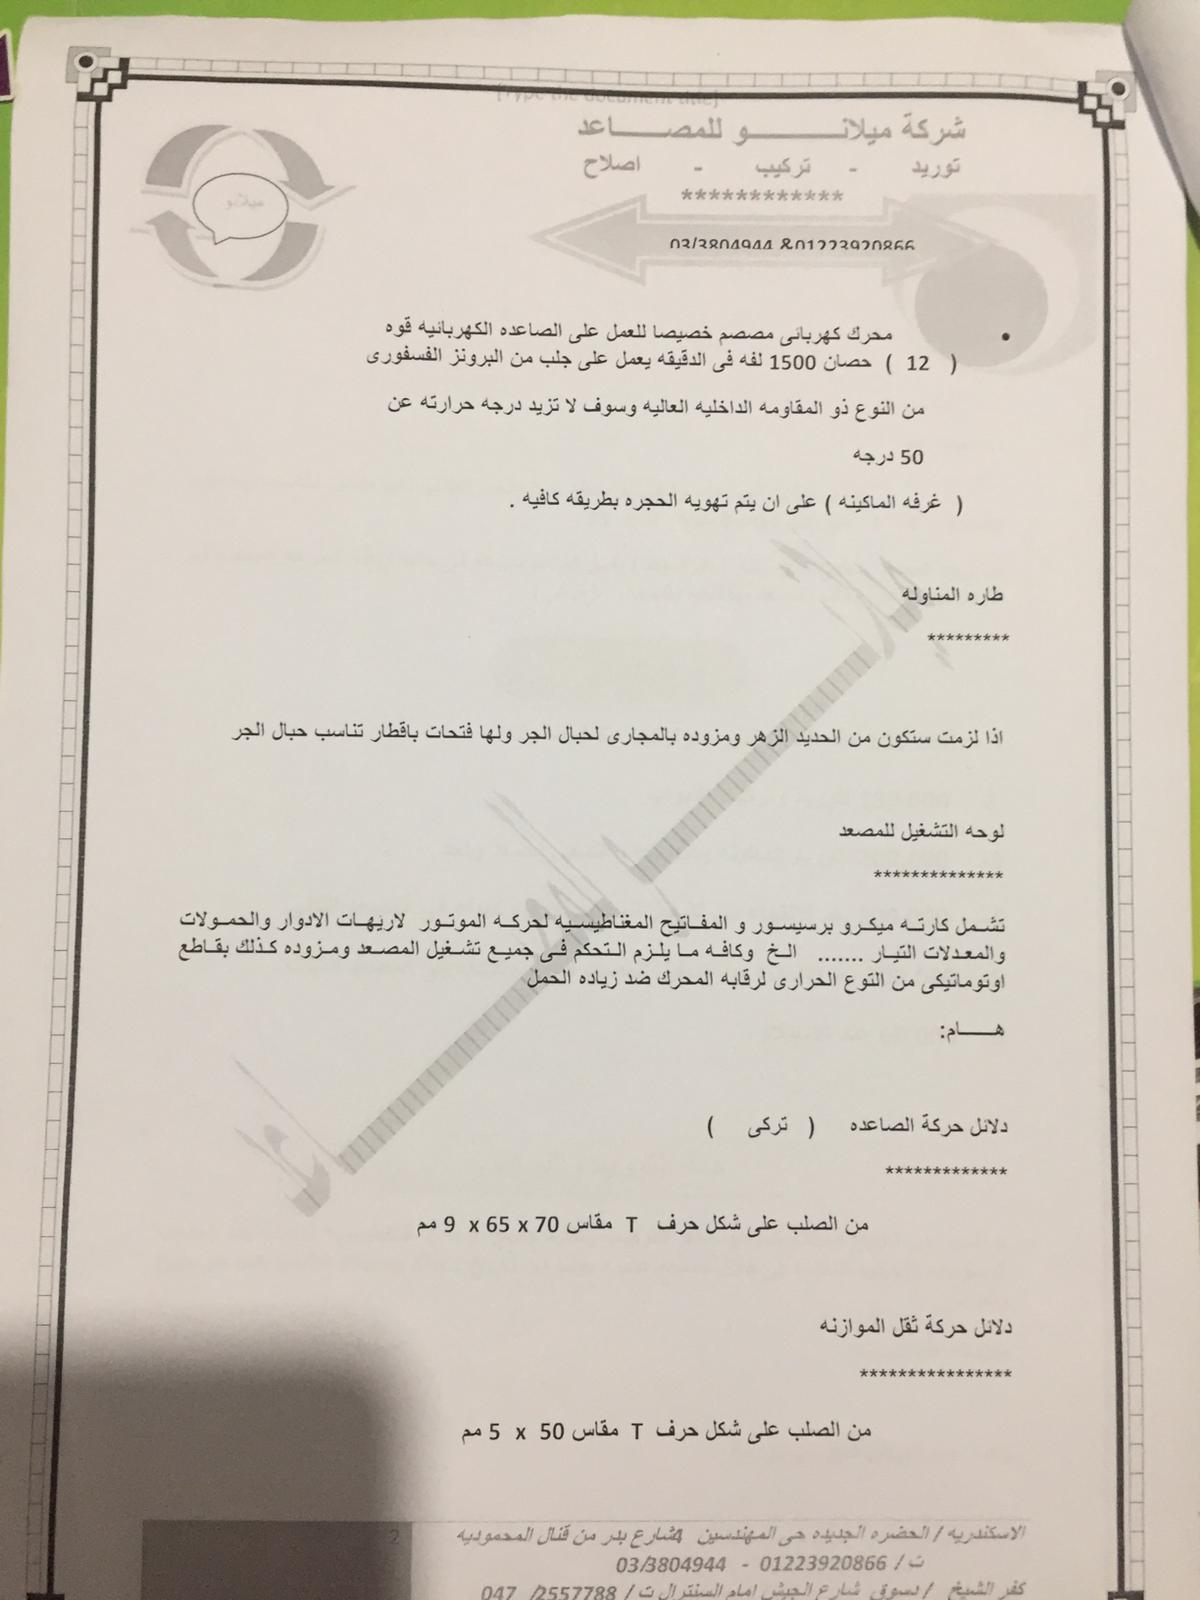 أزمة مشروع سيتي بالاس بالإسكندرية (54)